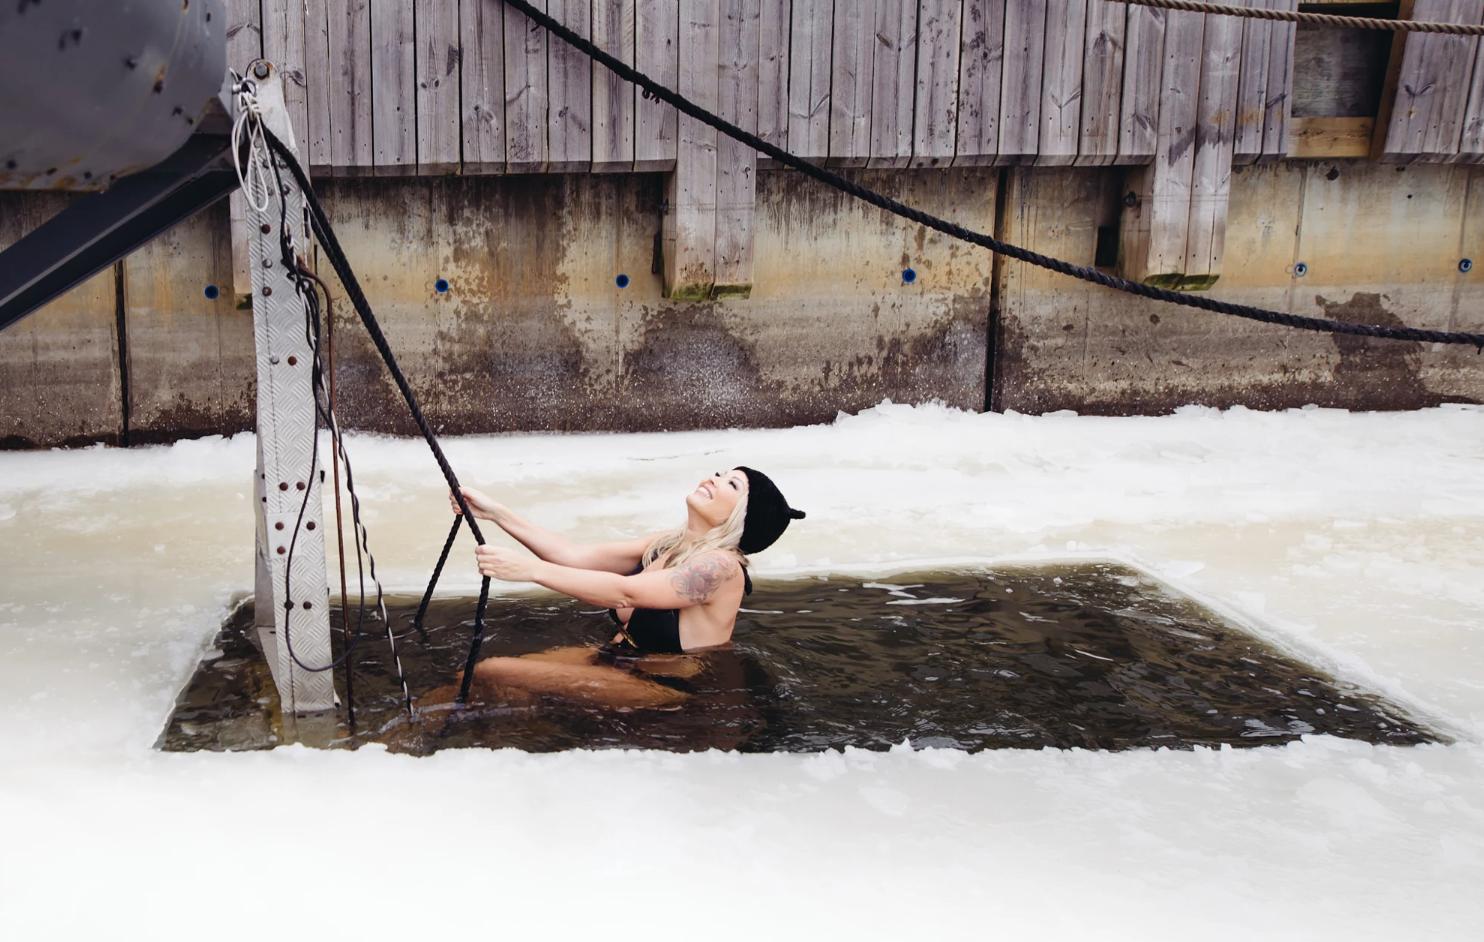 Русская баня (баня) традиции